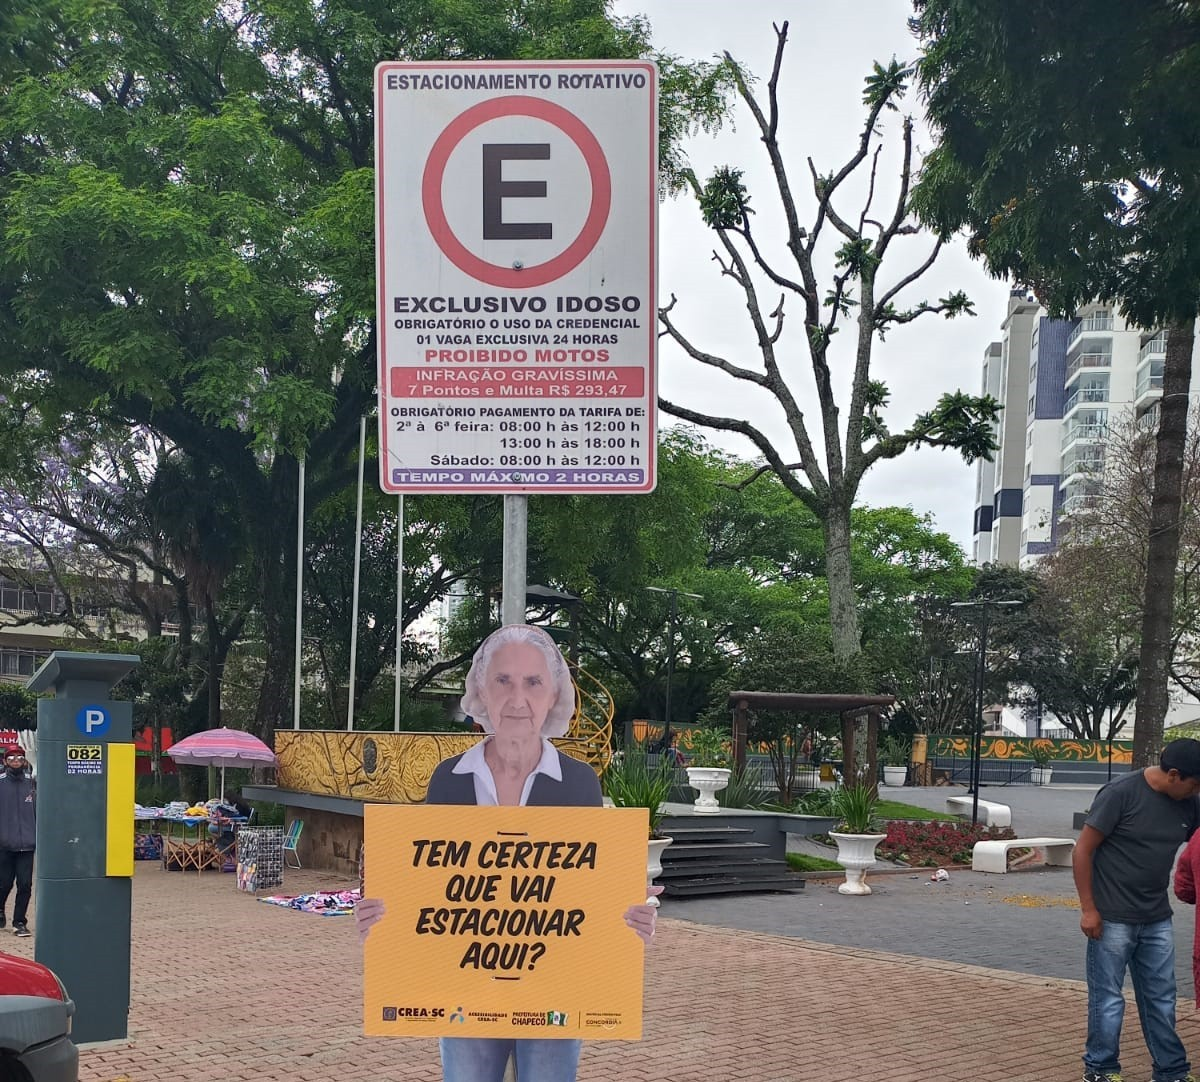 Chapecó instala placas sobre uso de vagas exclusivas no trânsito: 'Tem certeza que vai estacionar aqui?'